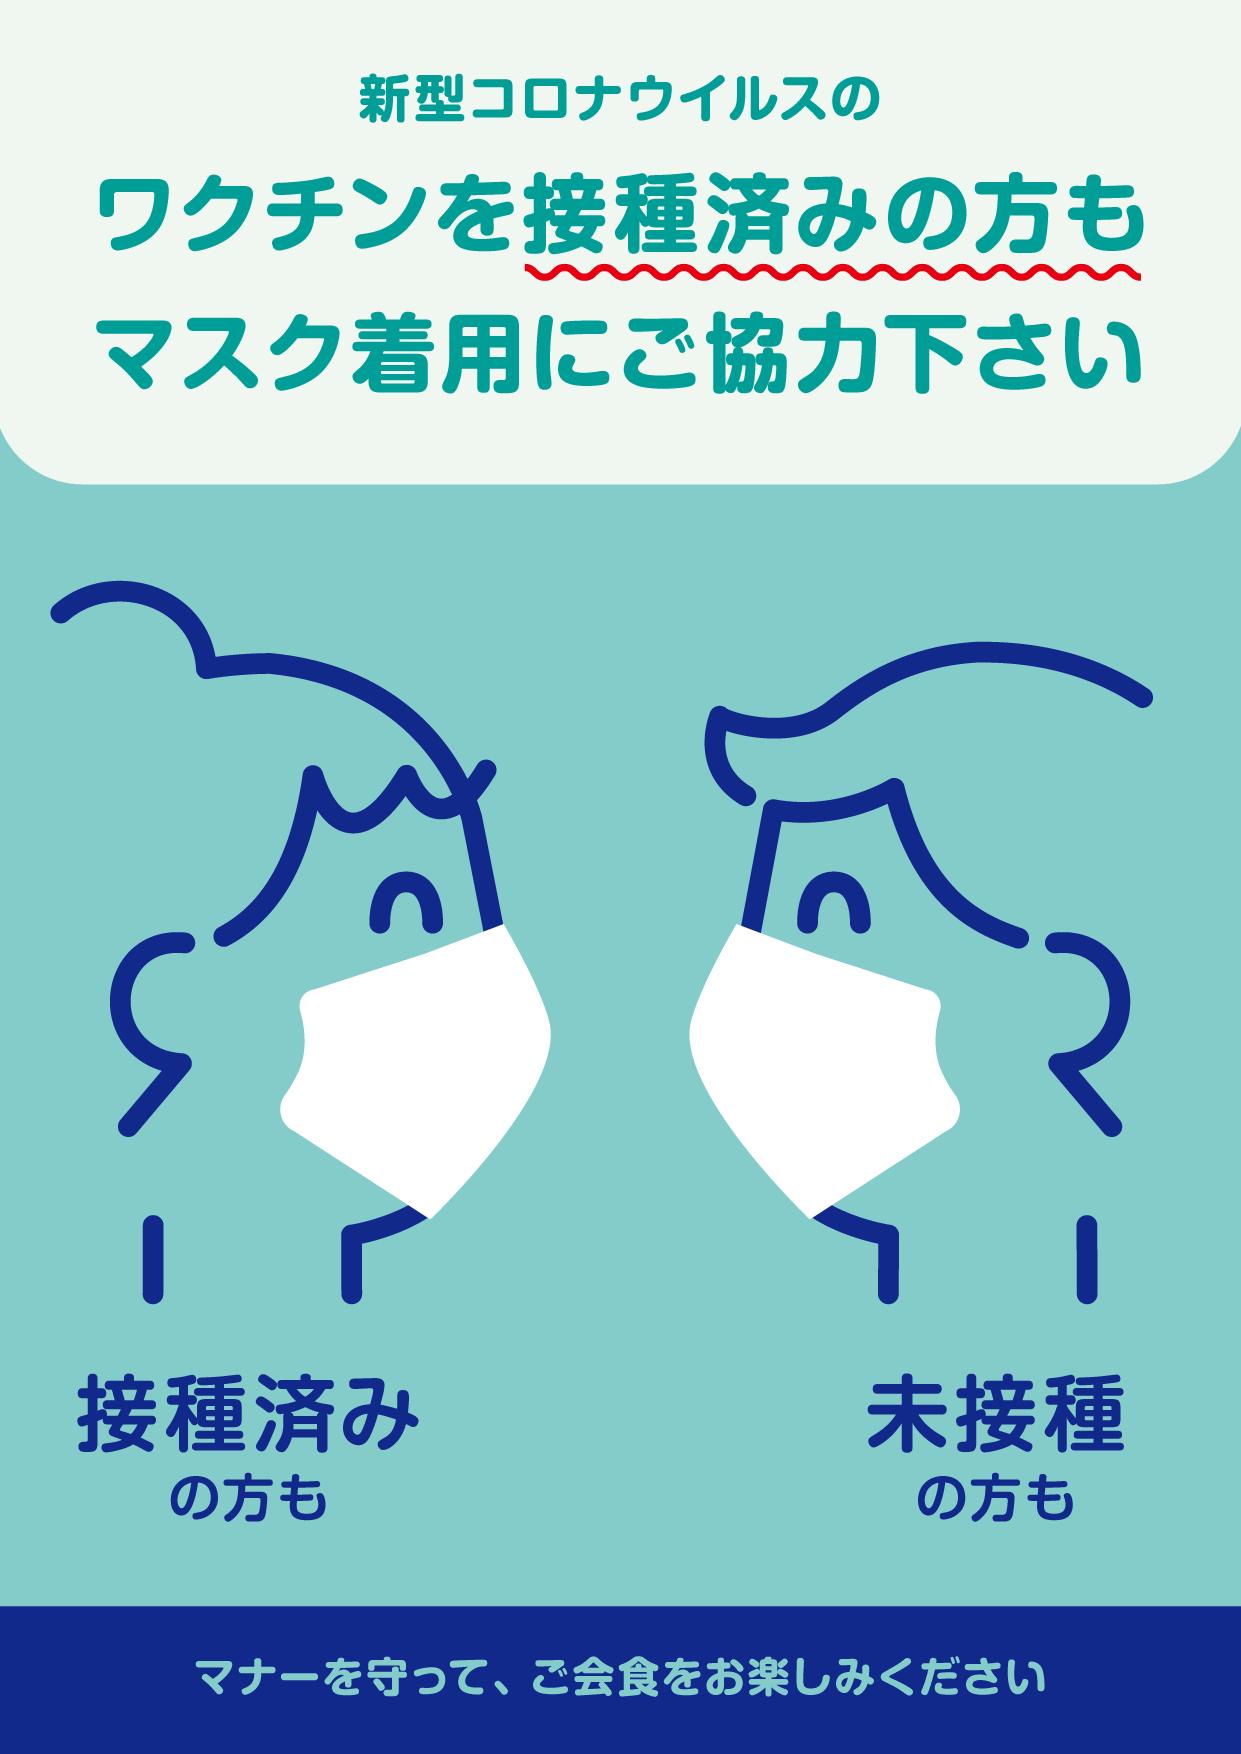 接種済みの方もマスク着用